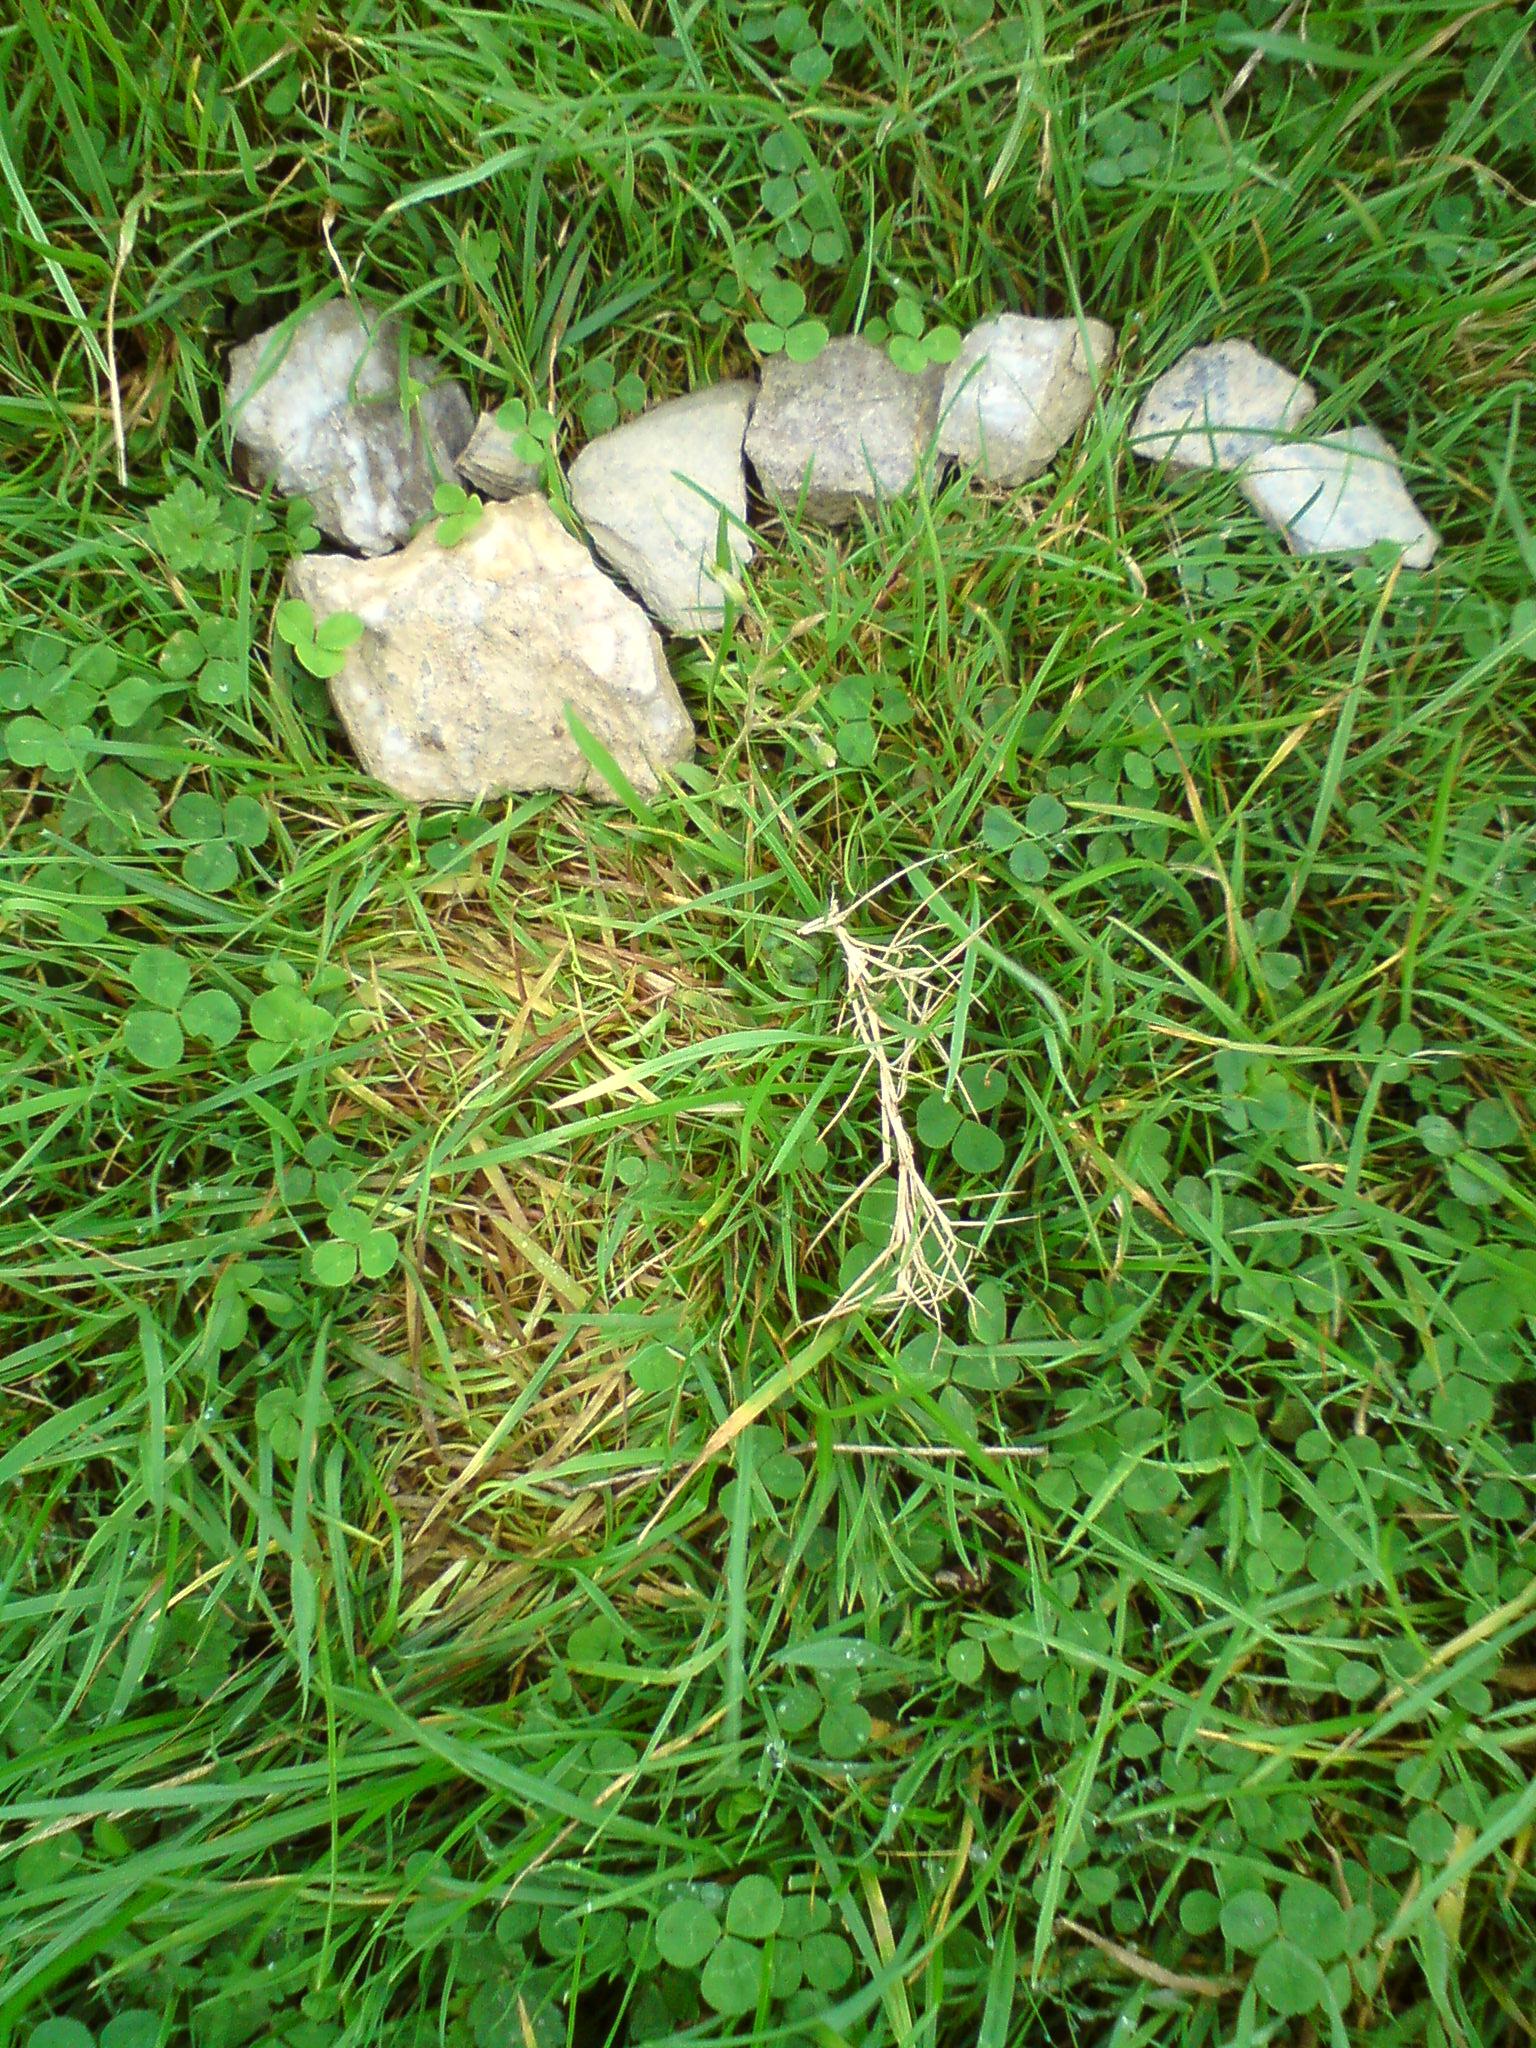 DSC01177 stone r under erasure.JPG